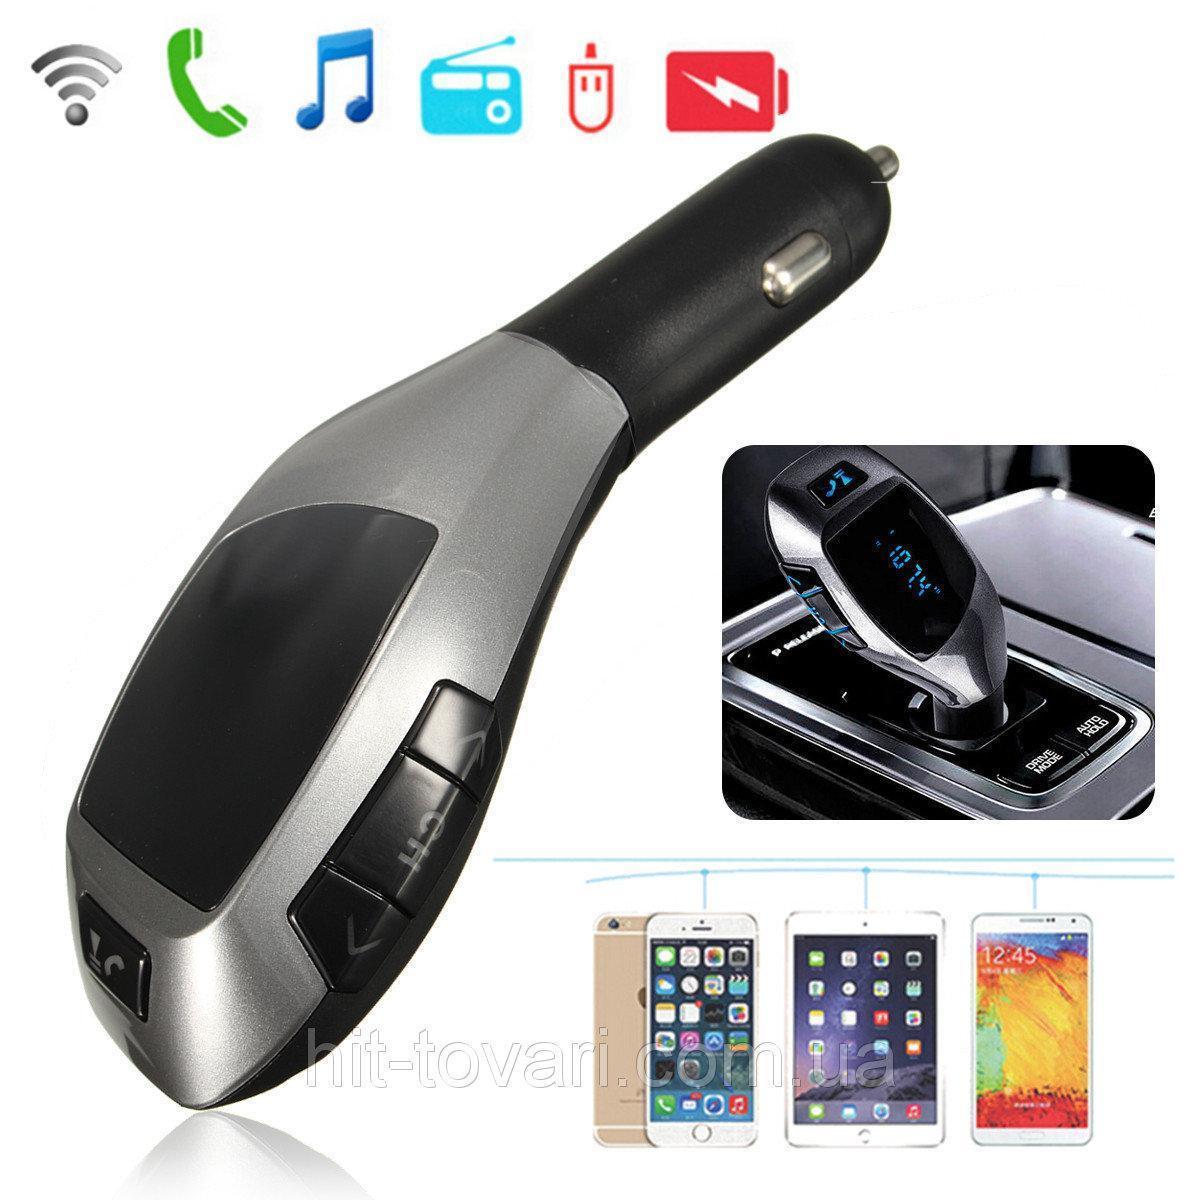 Автомобильный Fm-передатчик, FM модулятор 405 X5,Bluetooth Модулятор Автомобильный